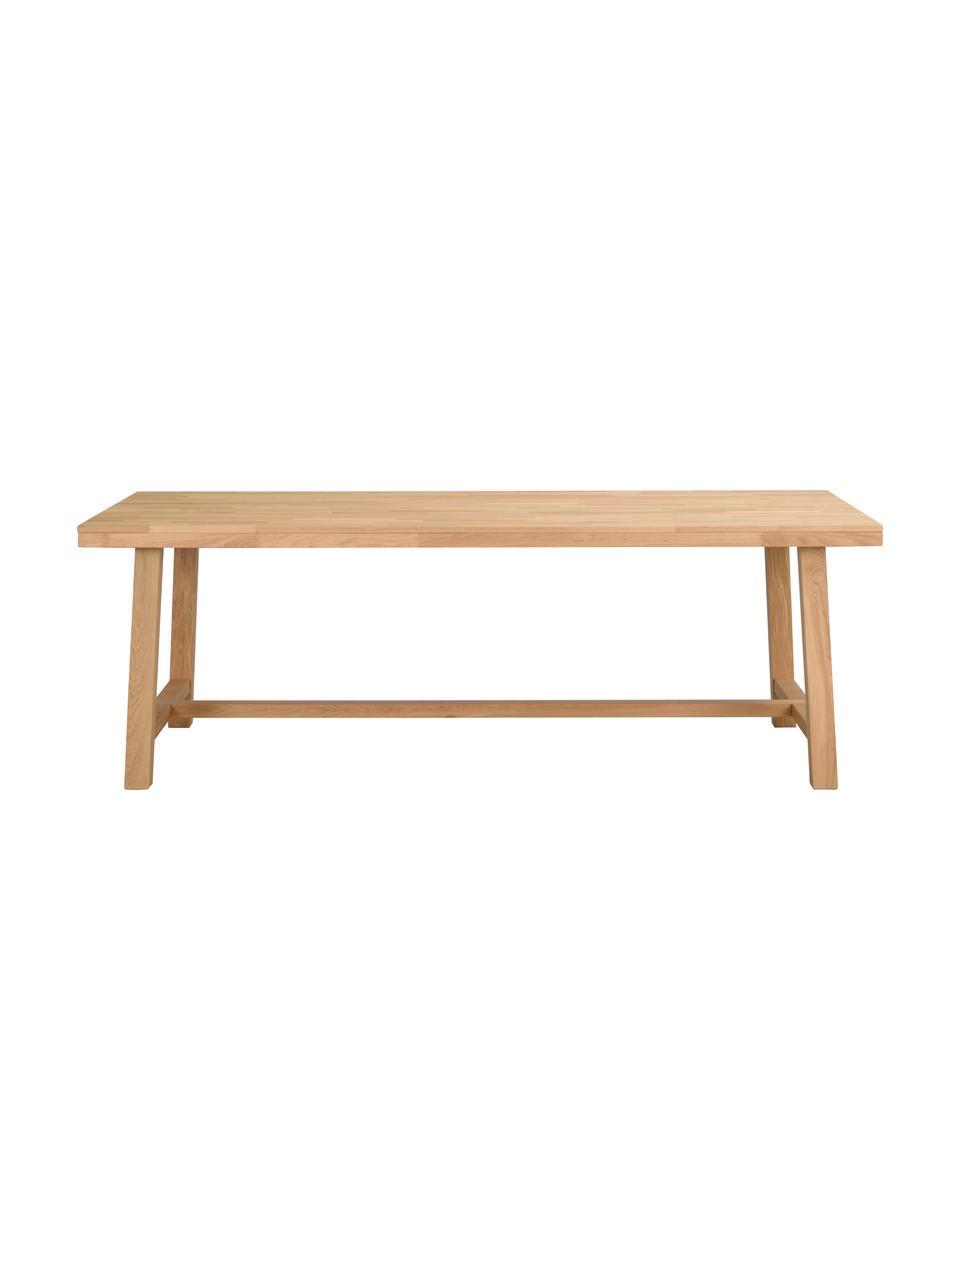 Verlängerbarer Esstisch Brooklyn mit Massivholzplatte, 220 - 270 x 95 cm, Massives Eichenholz, klar lackiert, Eichenholz, B 220 bis 270 x T 95 cm